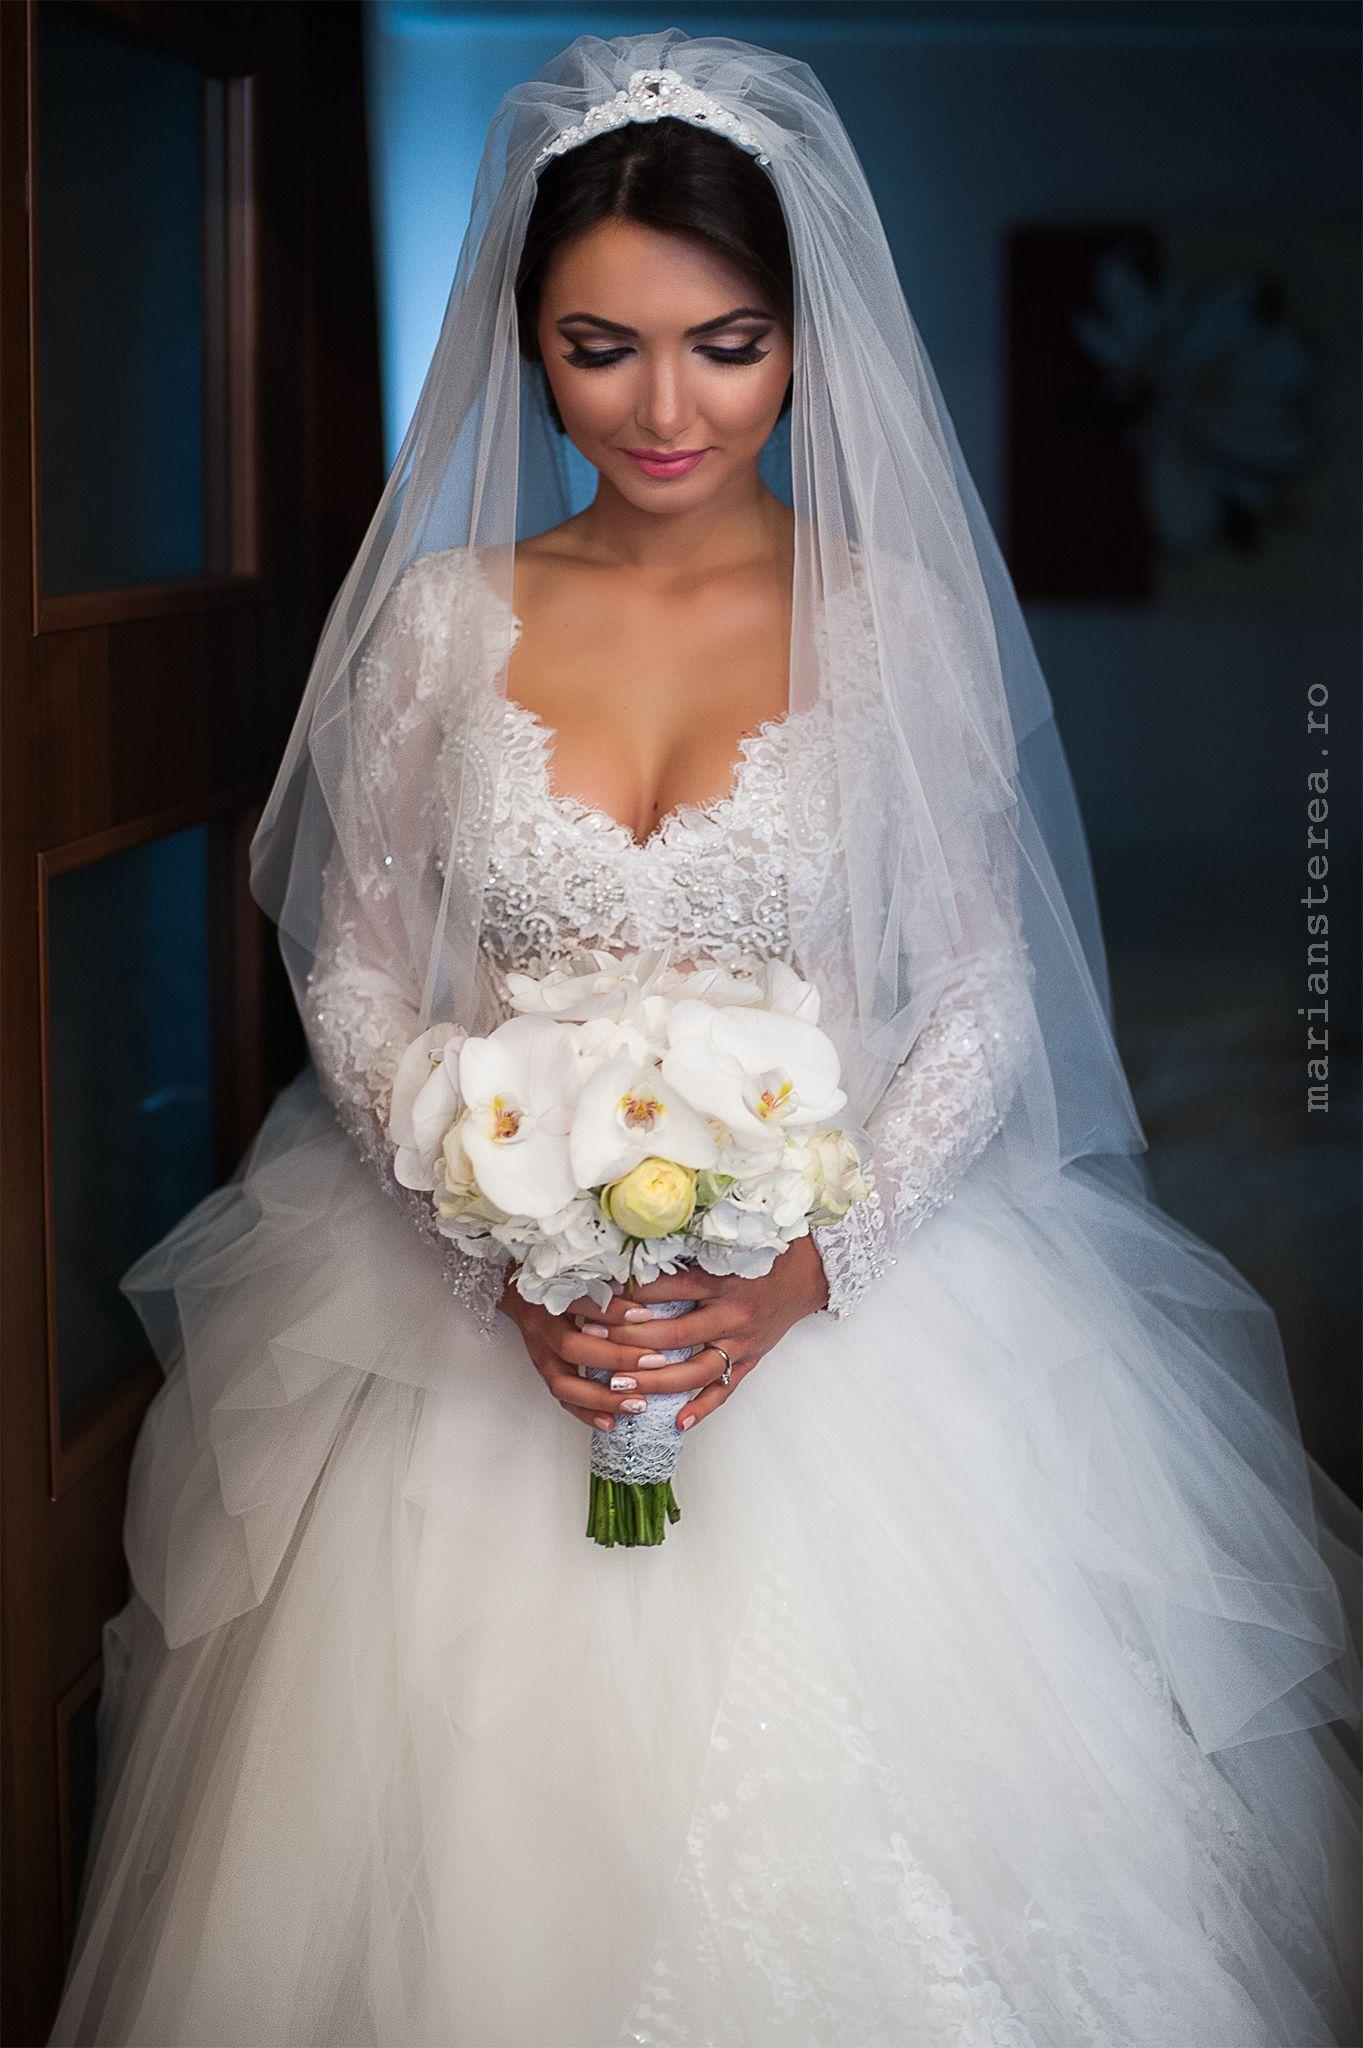 romanian brides photos